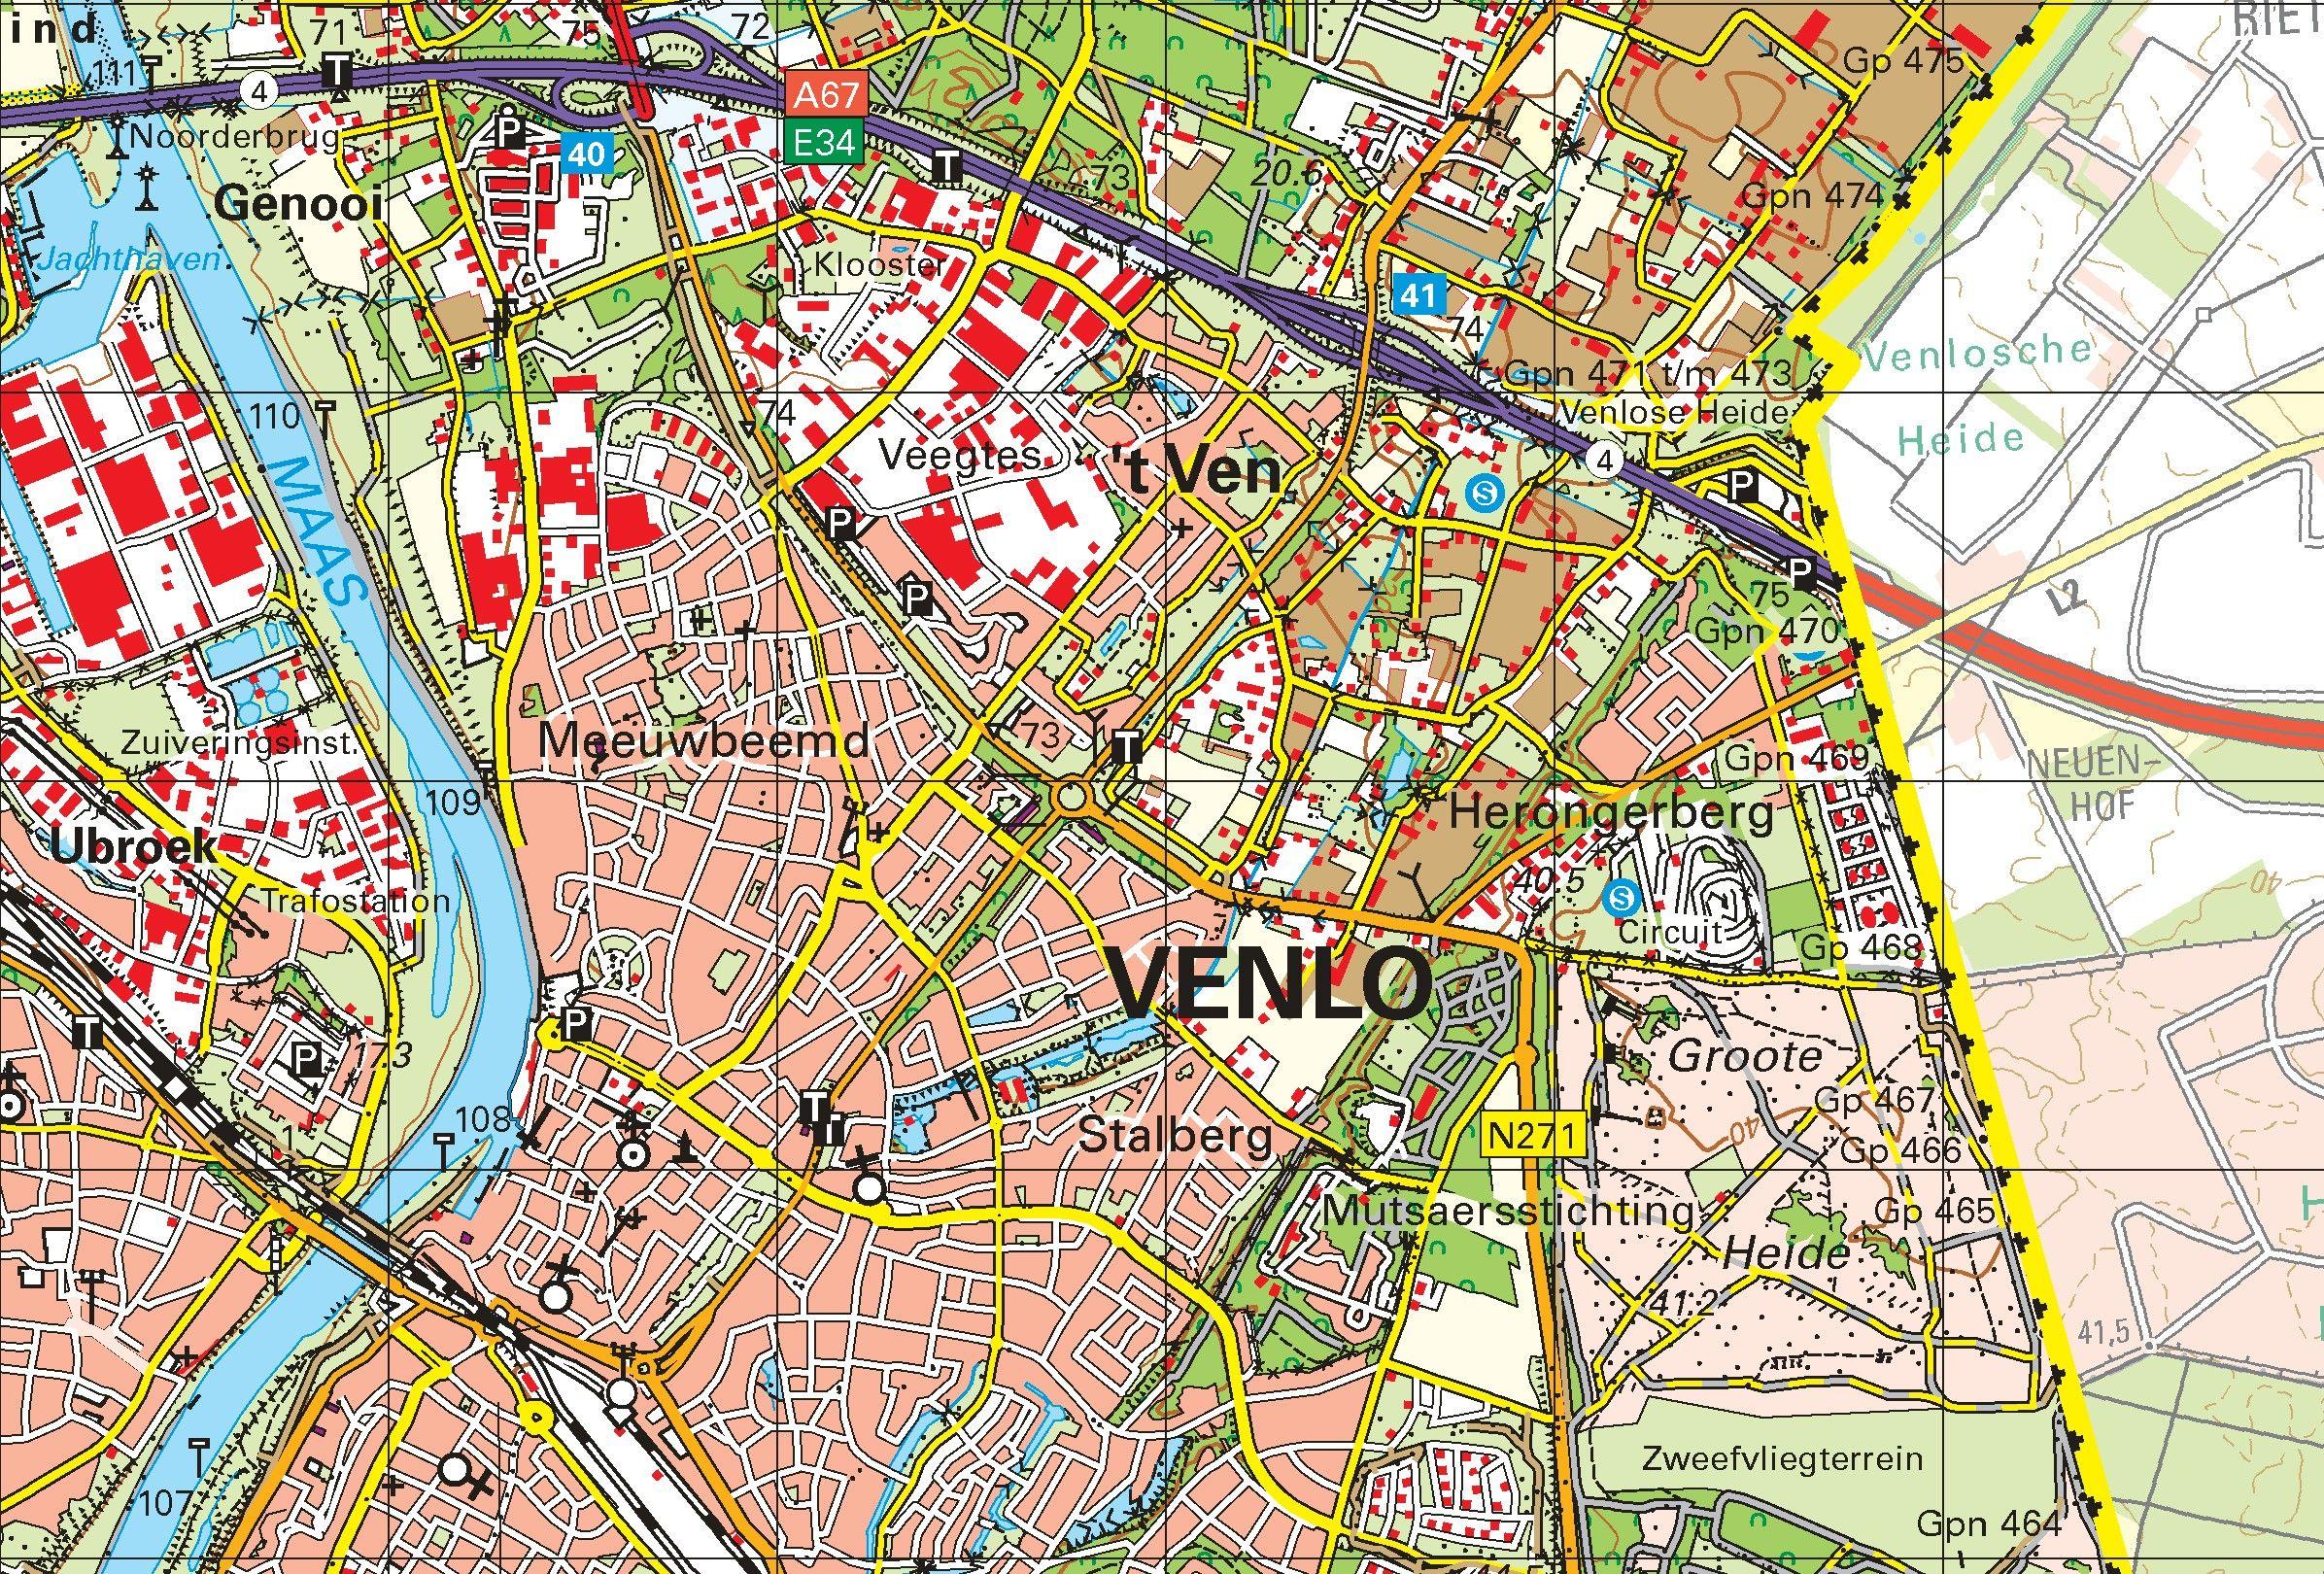 Topografische kaart schaal 1:50.000 (Deurne, Venray, Venlo, Tegelen, Roermond)